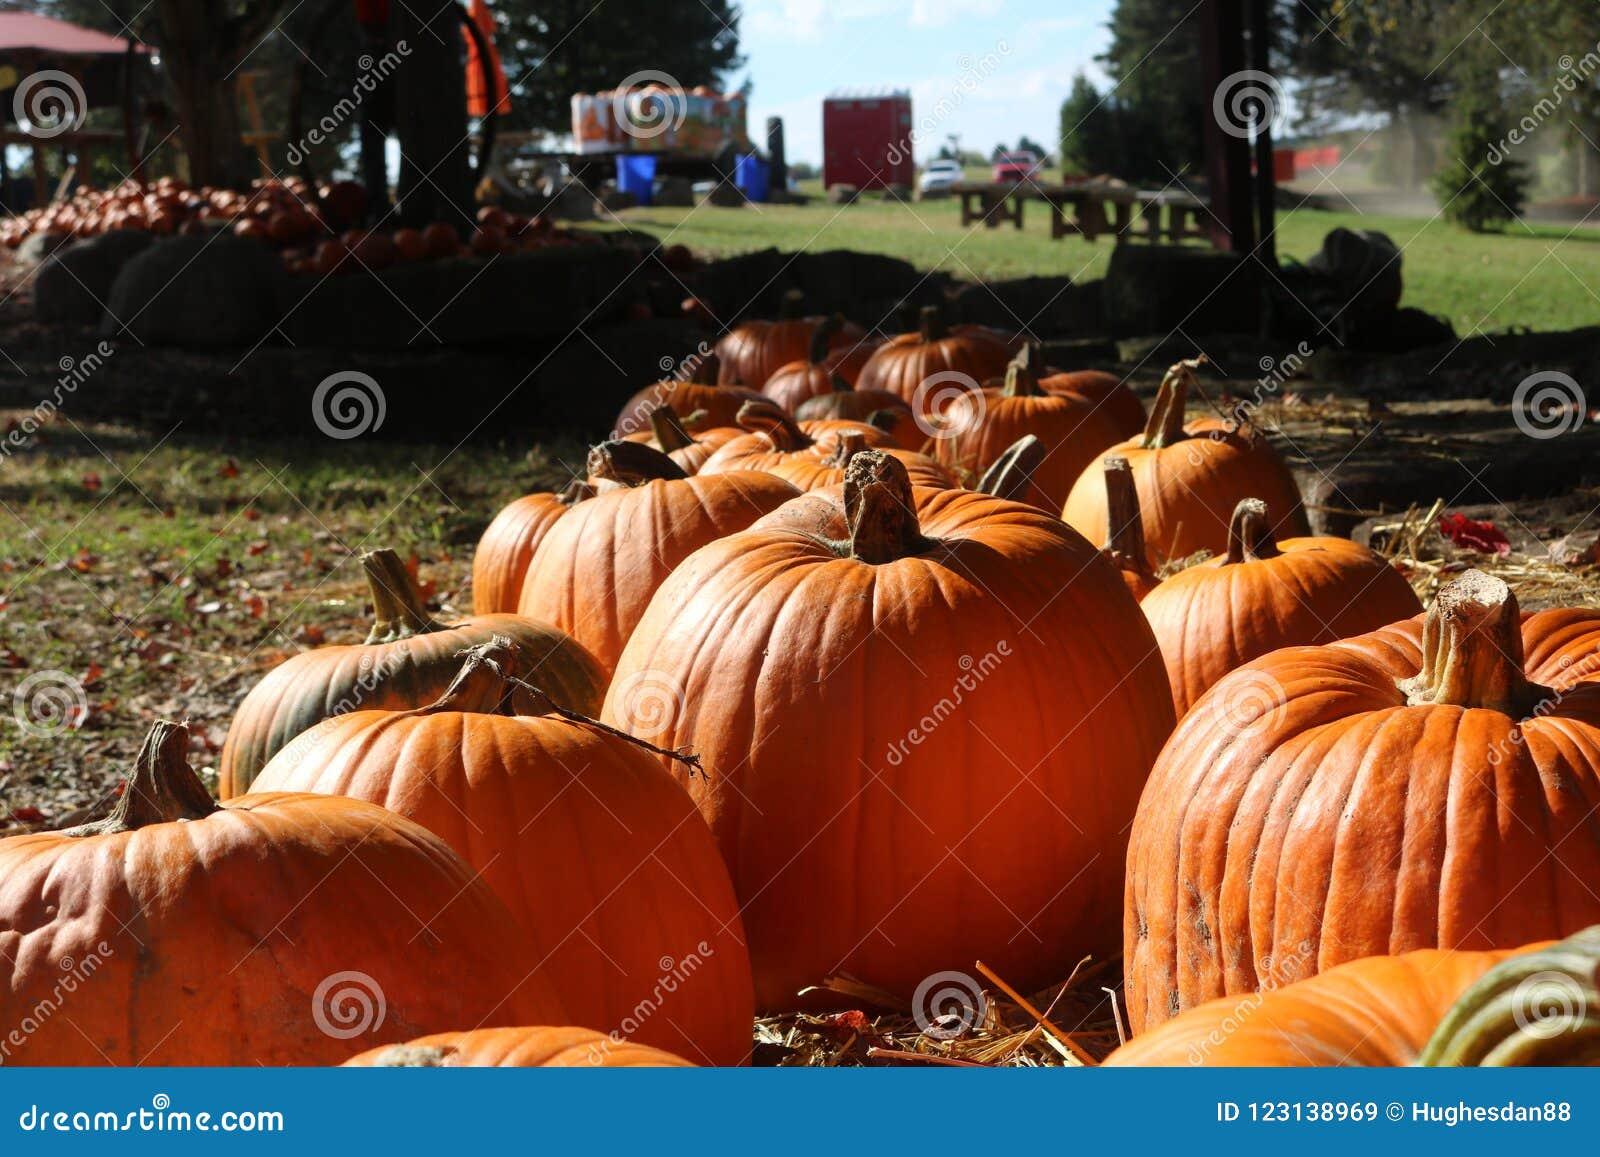 Pumpkin patch in autumn